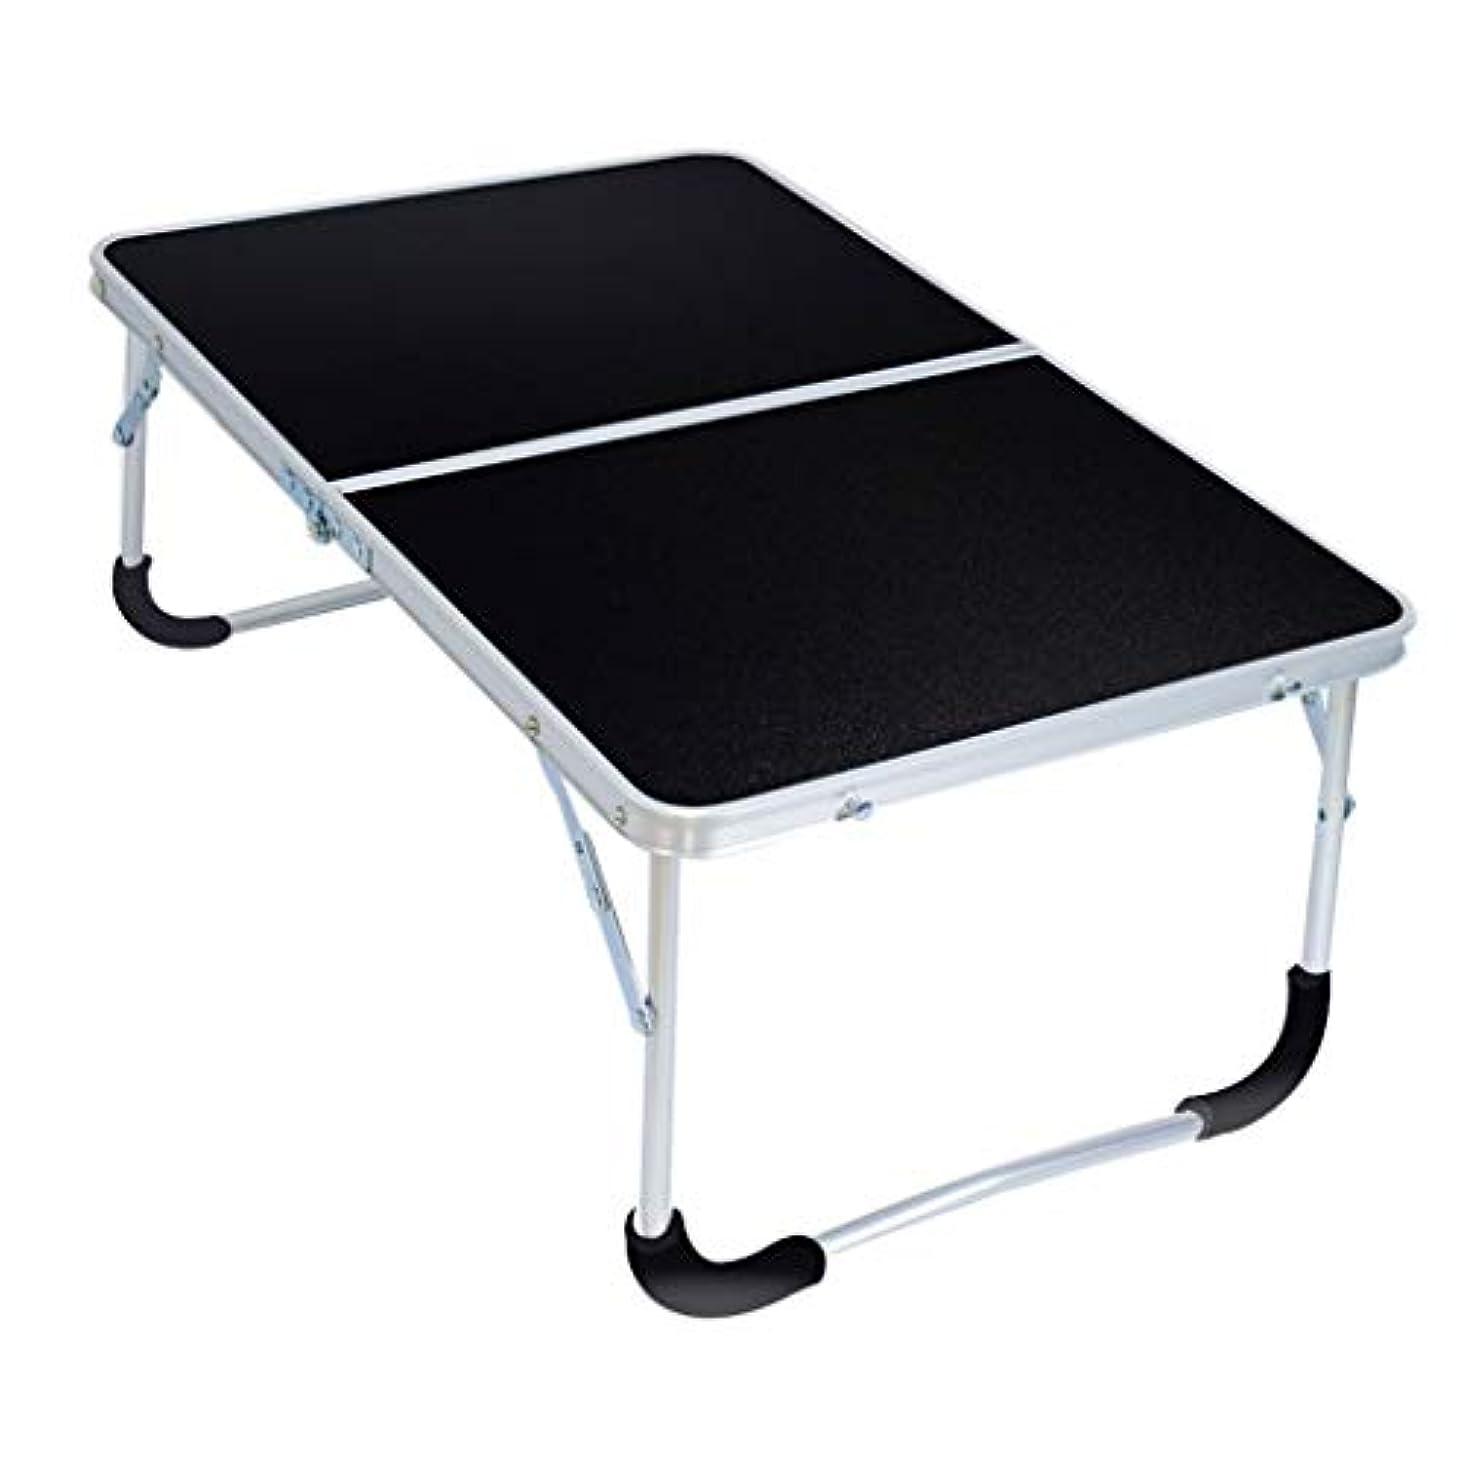 滴下綺麗なインポートFRF 折りたたみ式テーブル- ポータブル折り畳み式ラップトップデスク、ホームドームシンプルダイニングテーブル (色 : 黒, サイズ さいず : 62x42x27.5cm)